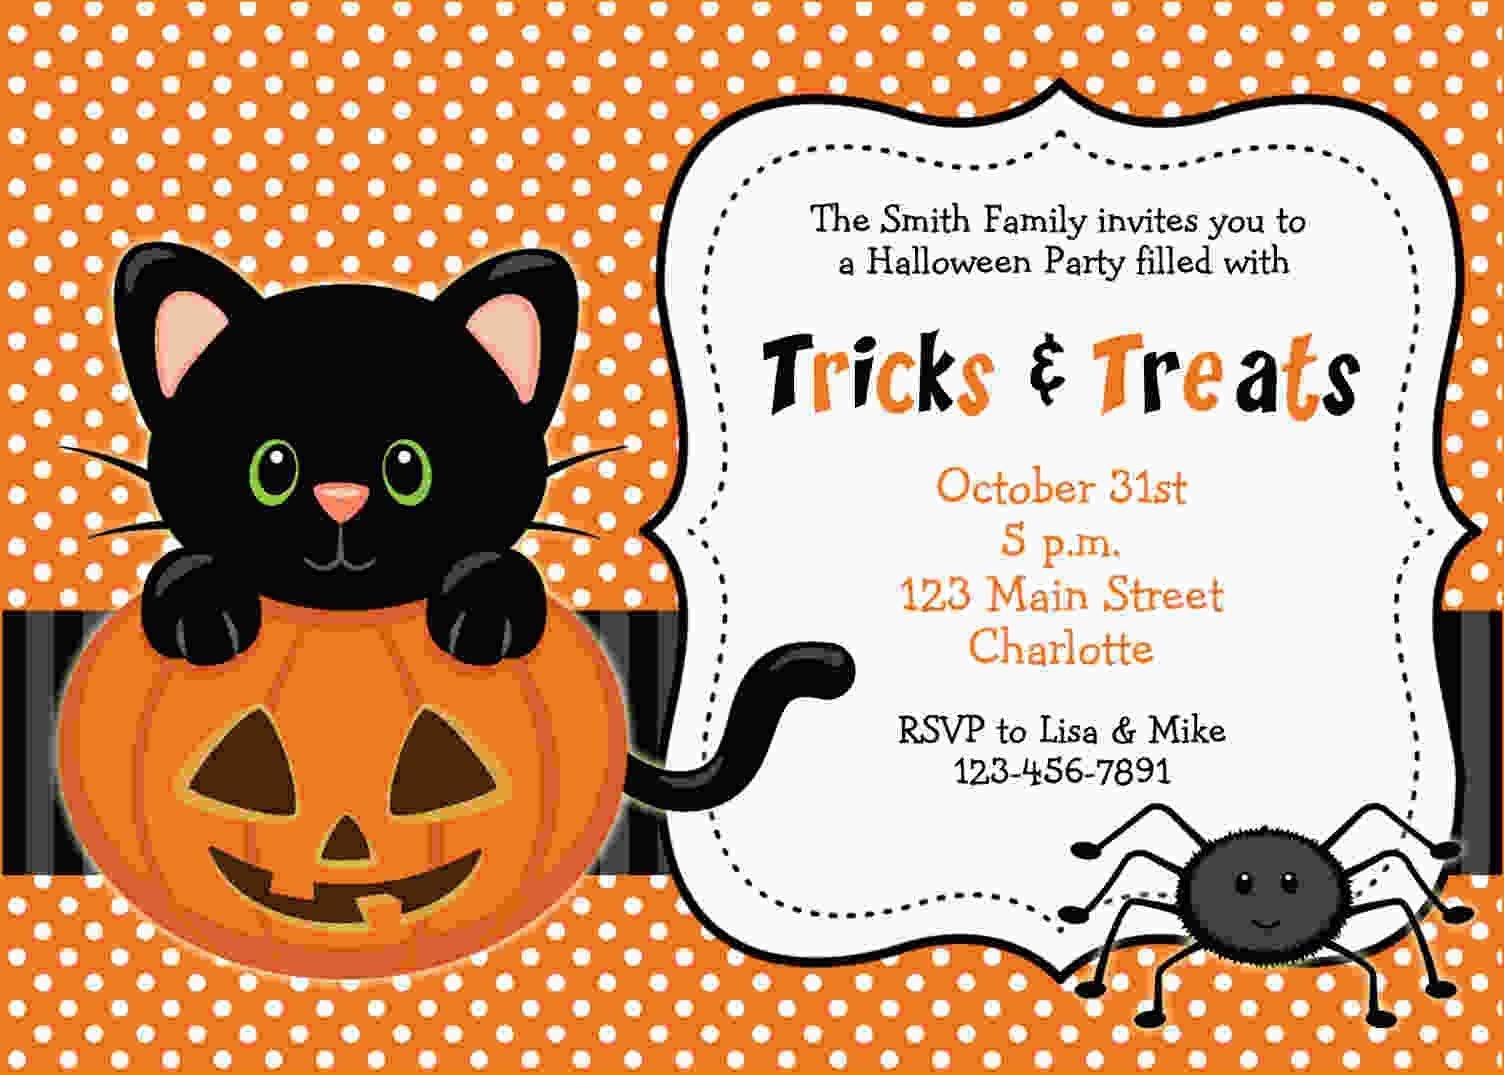 Free Printable Halloween Invitations | Free Printable Birthday - Free Printable Halloween Birthday Party Invitations